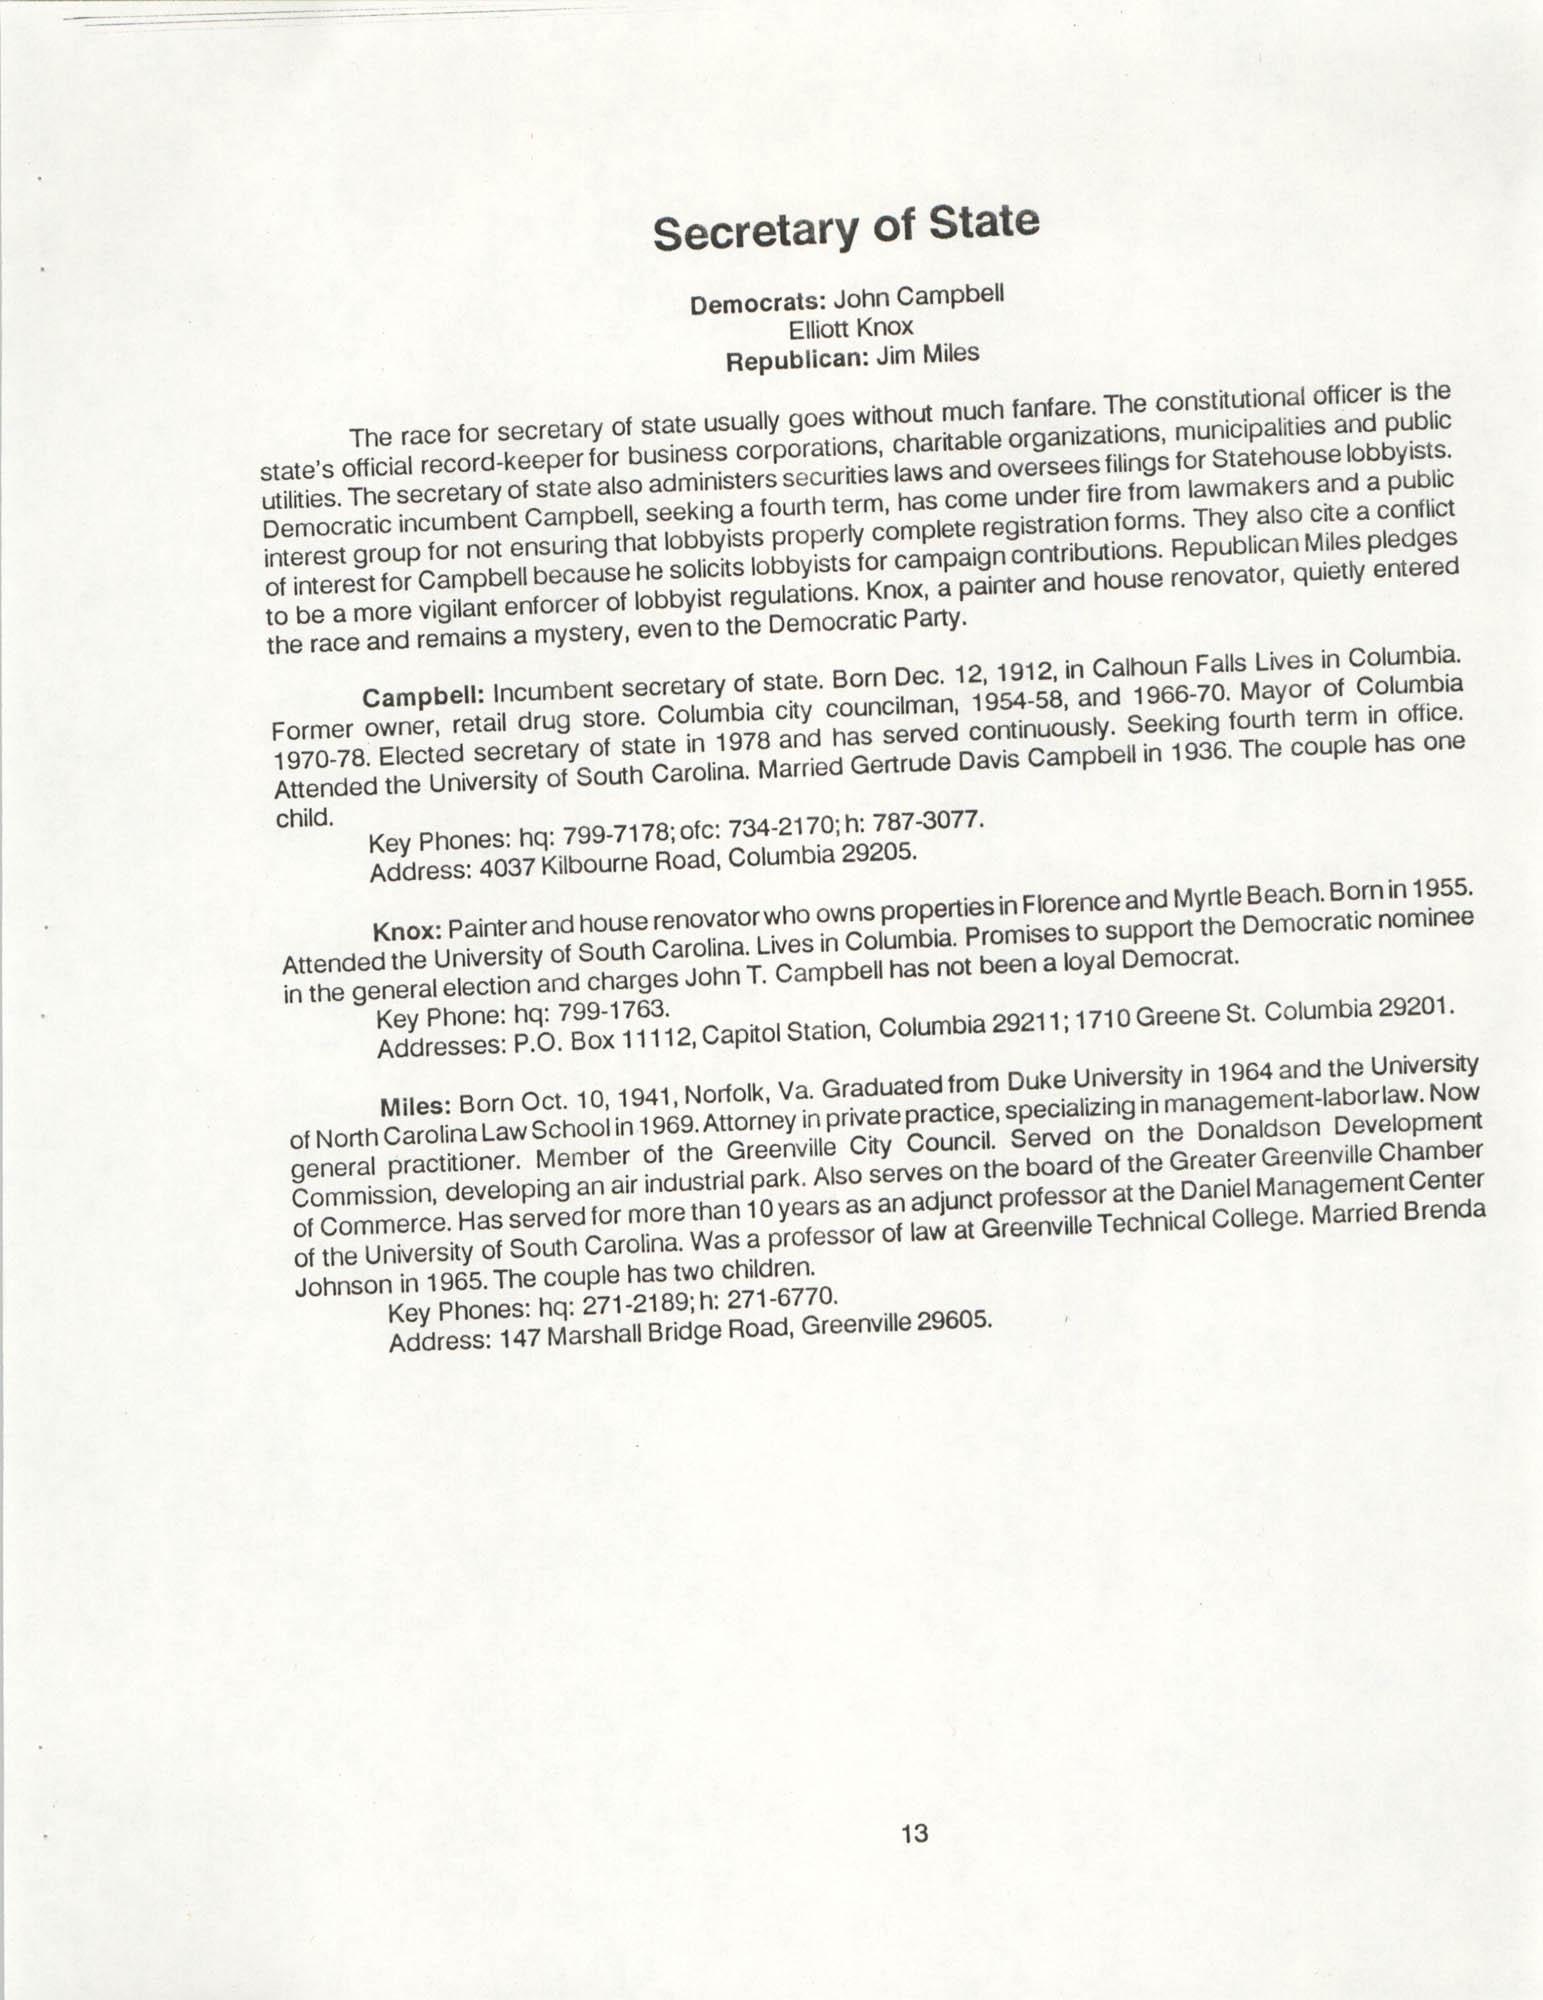 1990 Elections Handbook, Page 13